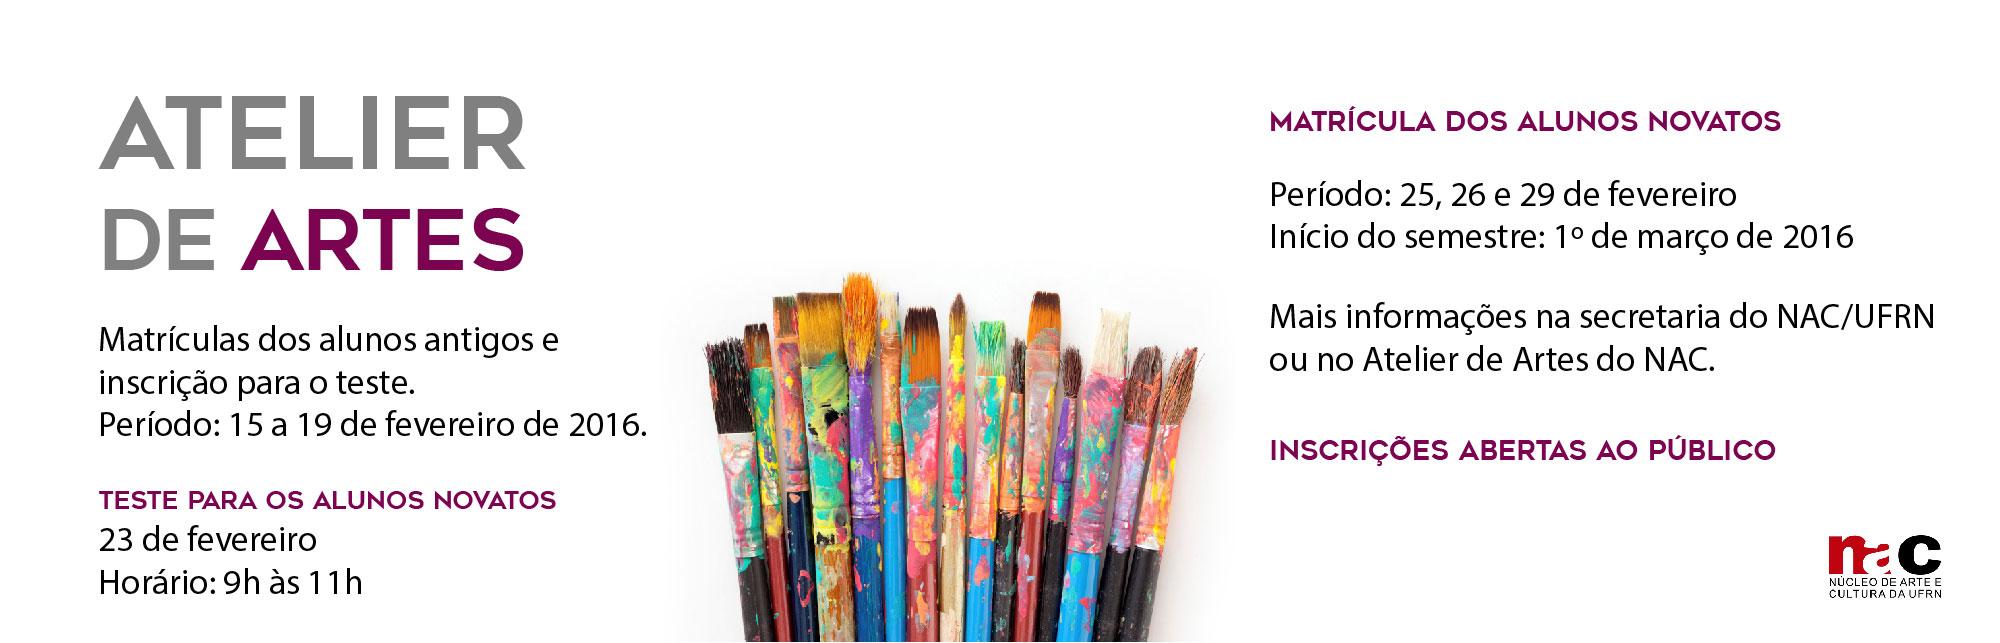 Inscrições abertas para o Atelier de Artes do NAC